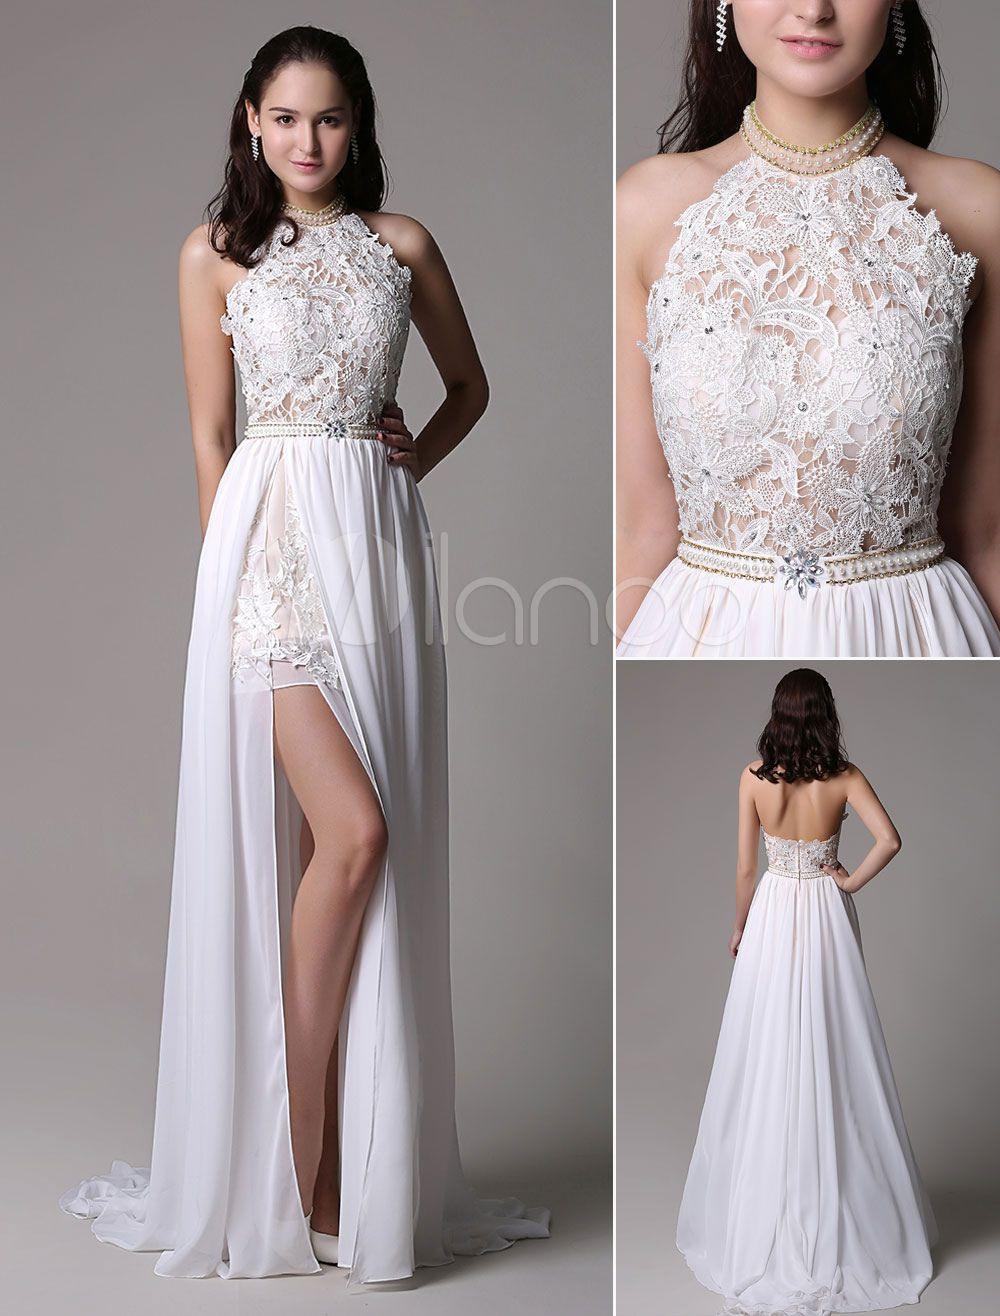 10 Einzigartig Elegante Kleider Lang Spezialgebiet Schön Elegante Kleider Lang Design